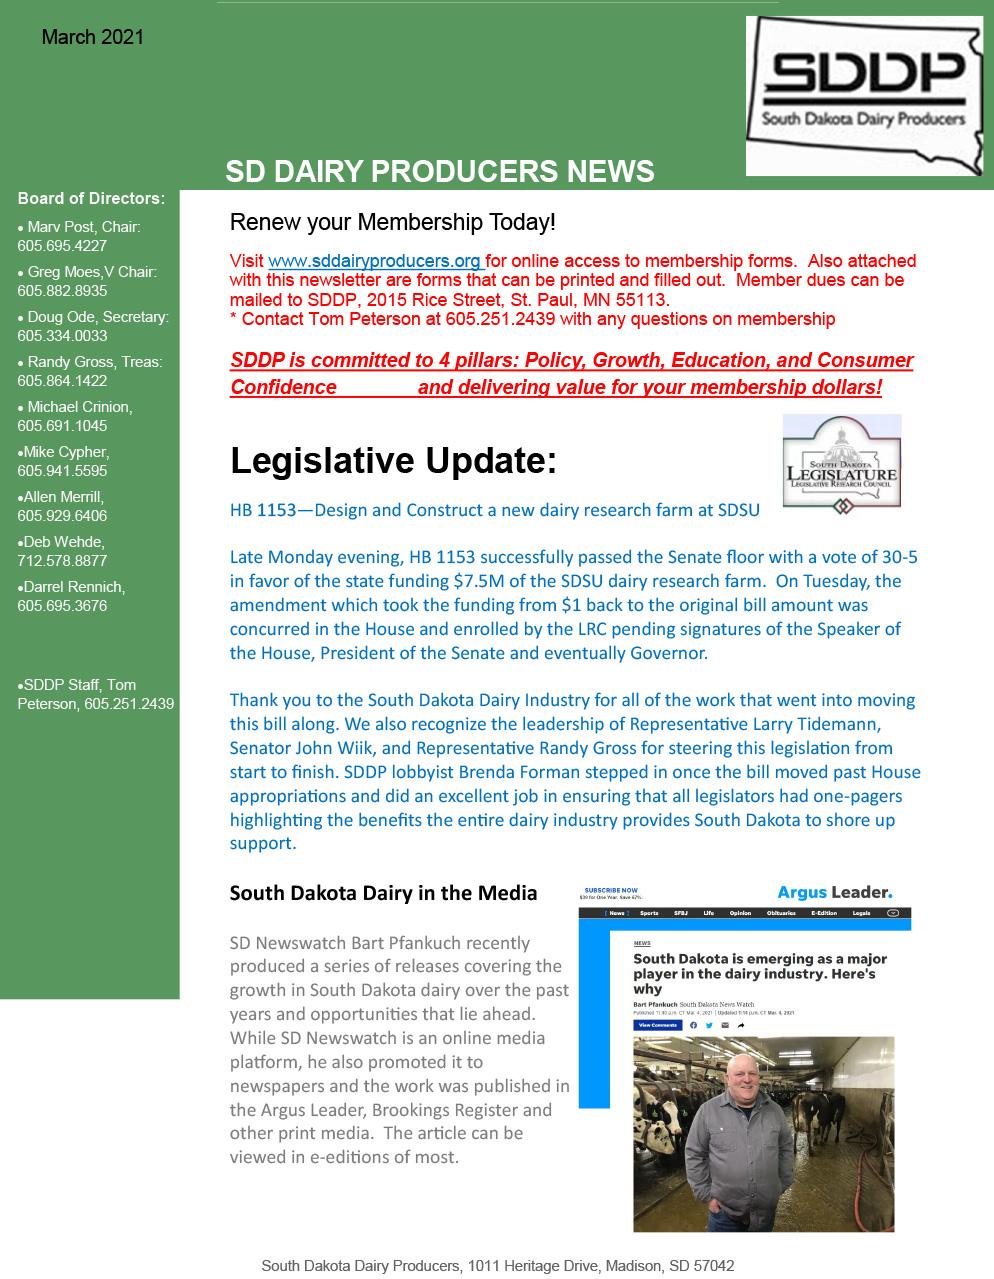 SDDP Member Newsletter March 2021